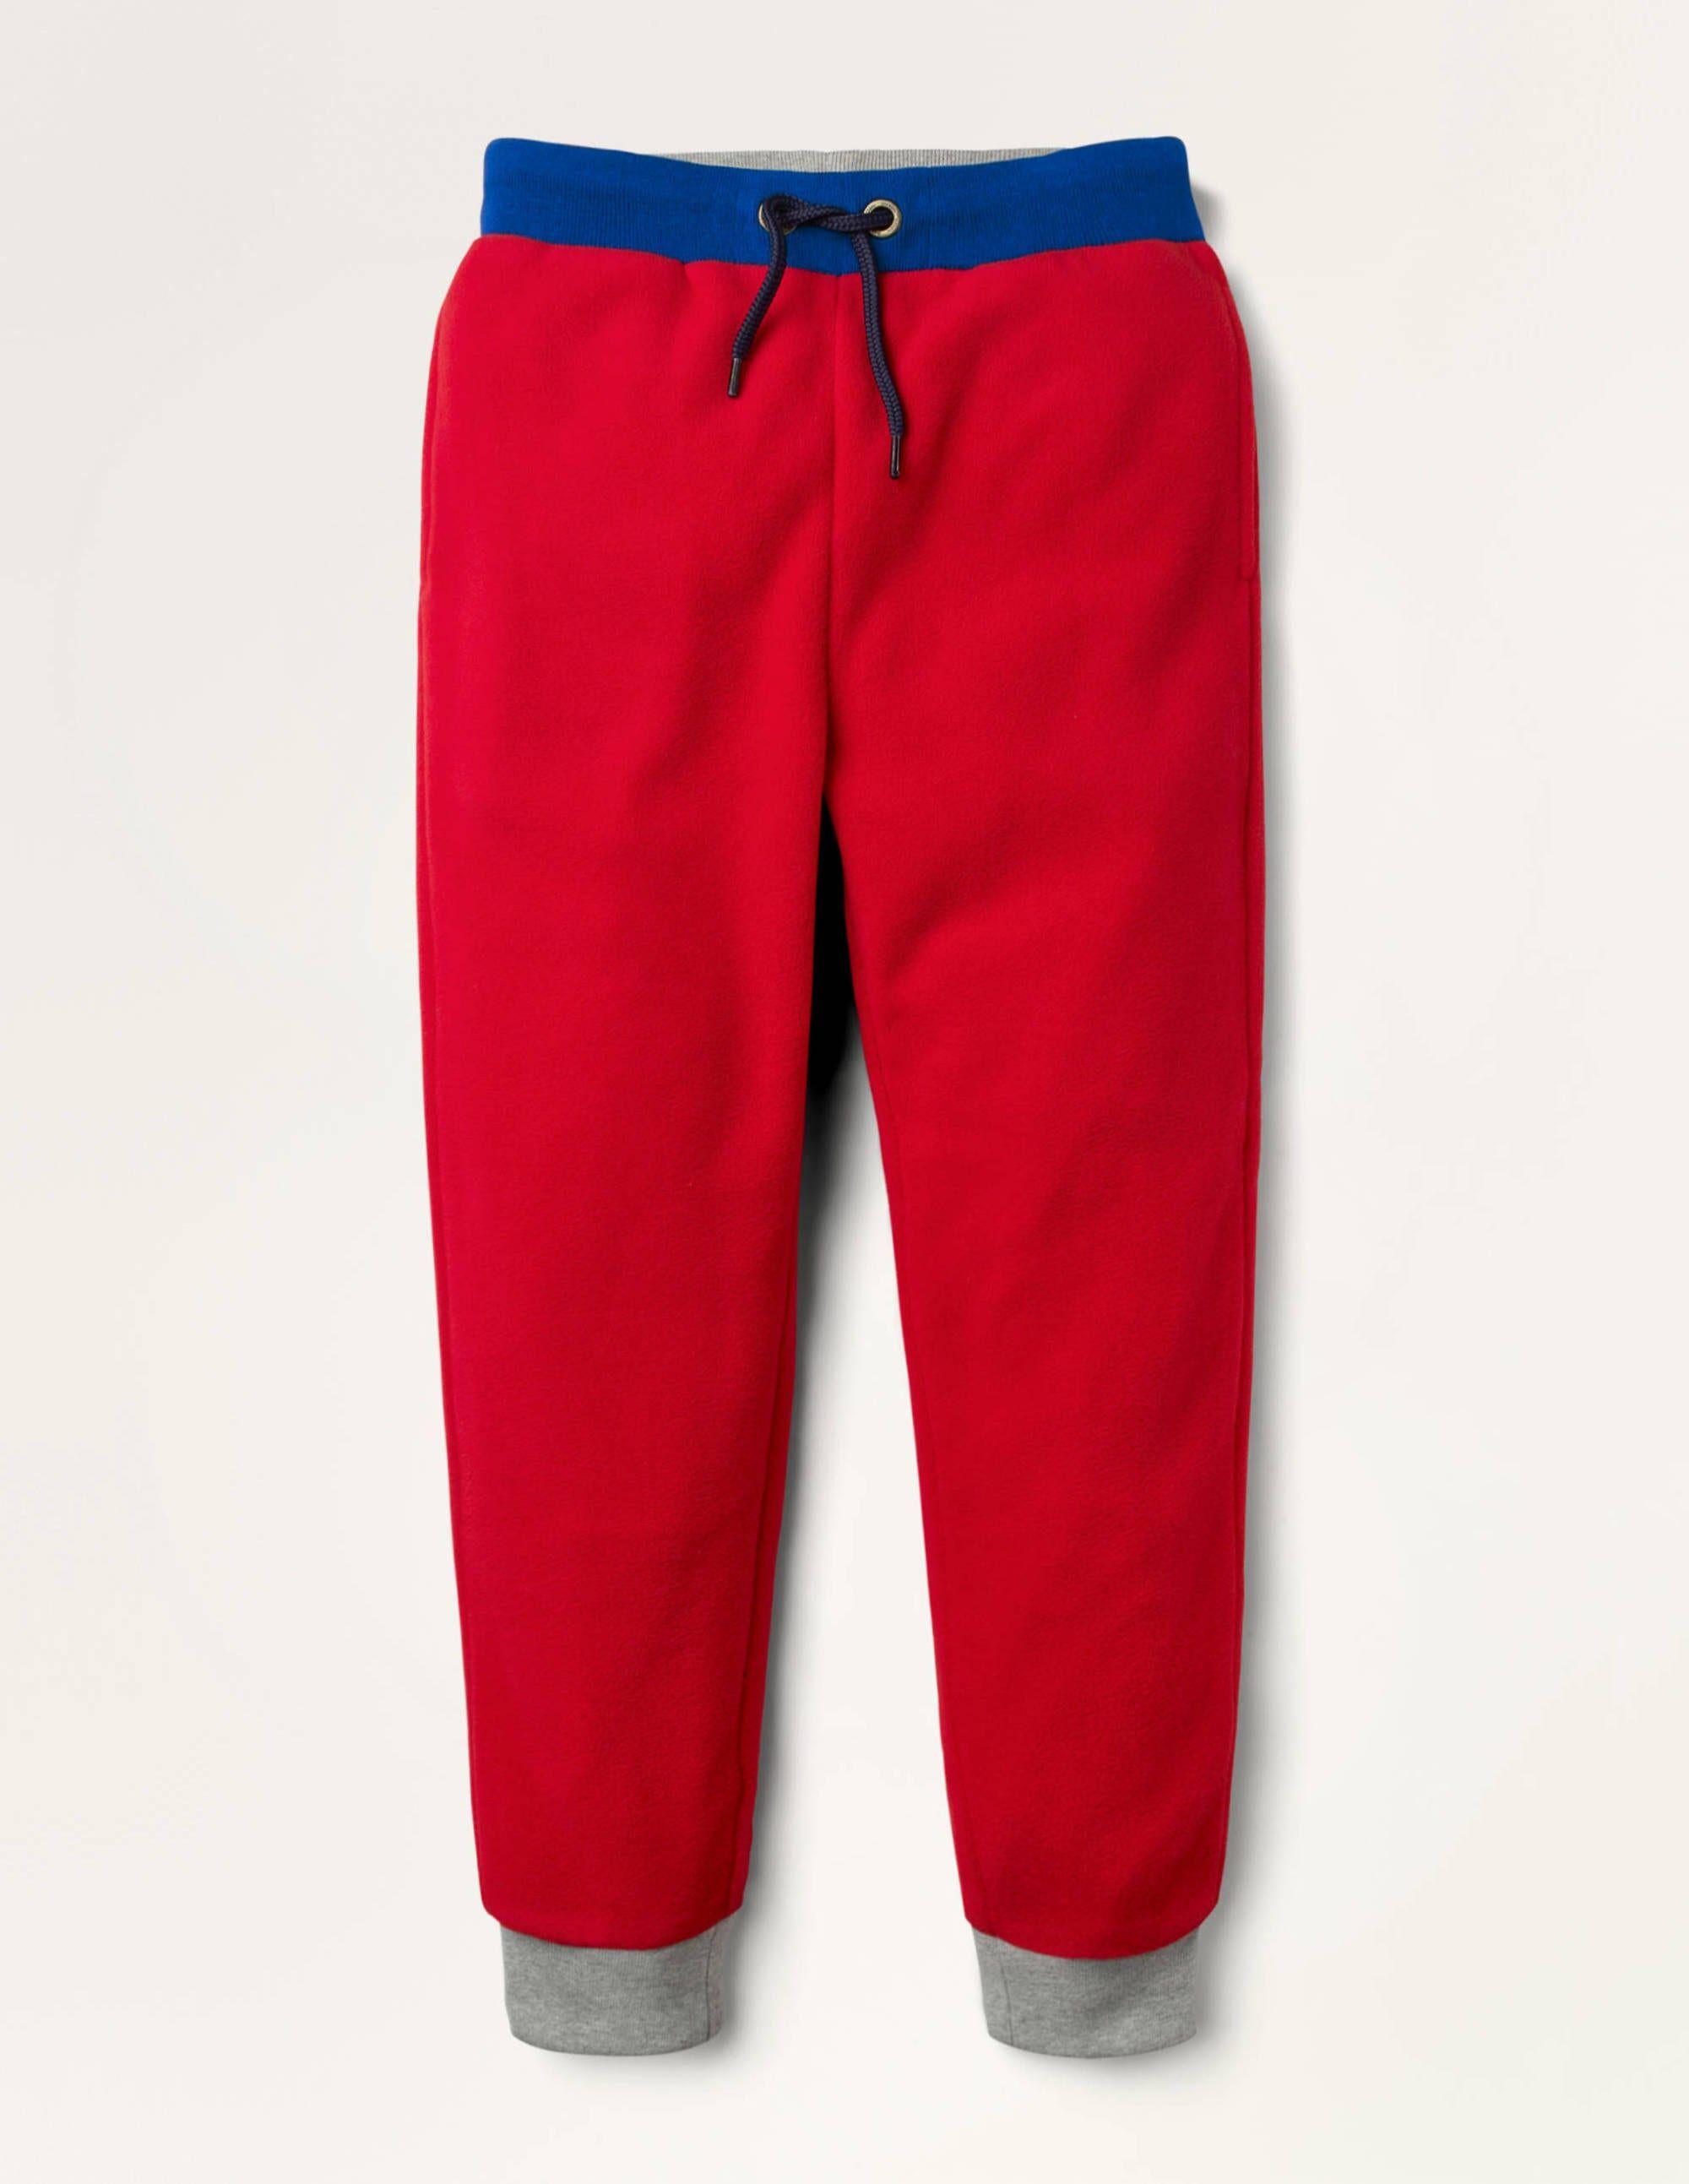 Mini Bas de jogging en micro-polaire RED Garçon Boden, Red - 10a